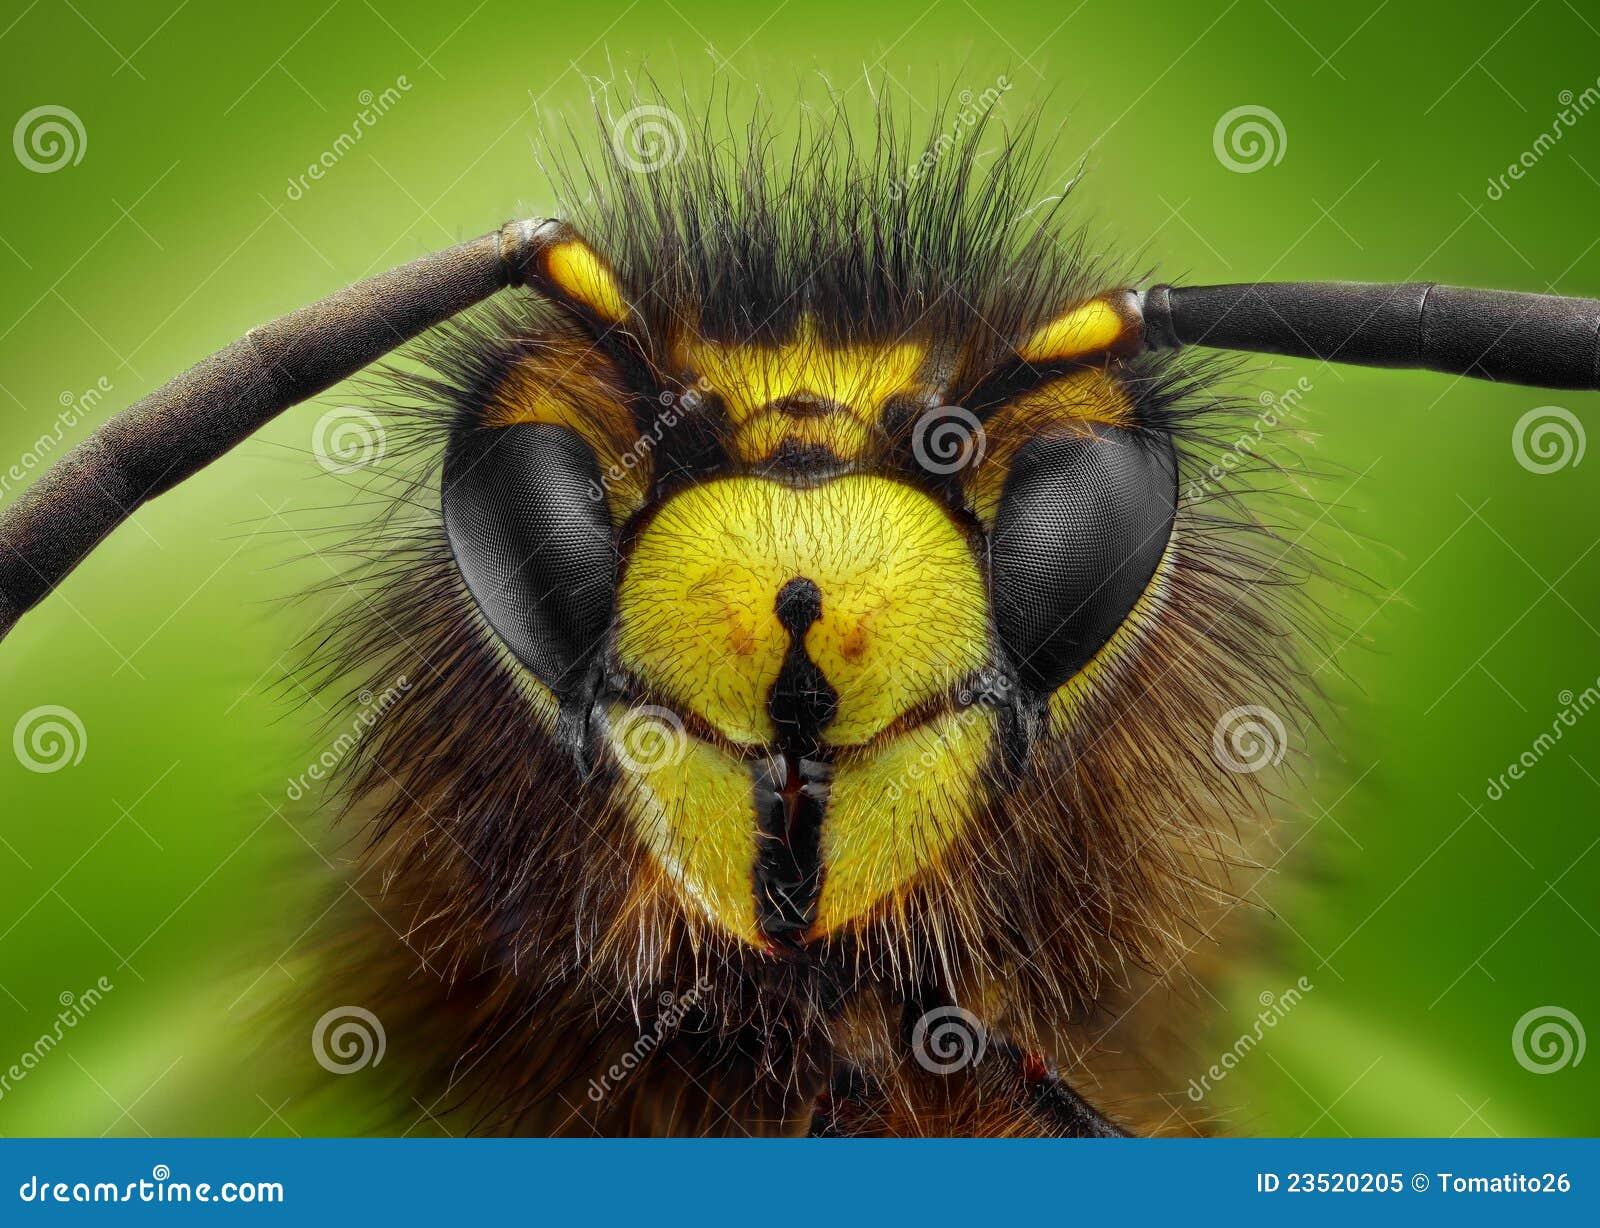 Estudo afiado e detalhado extremo da cabeça da vespa